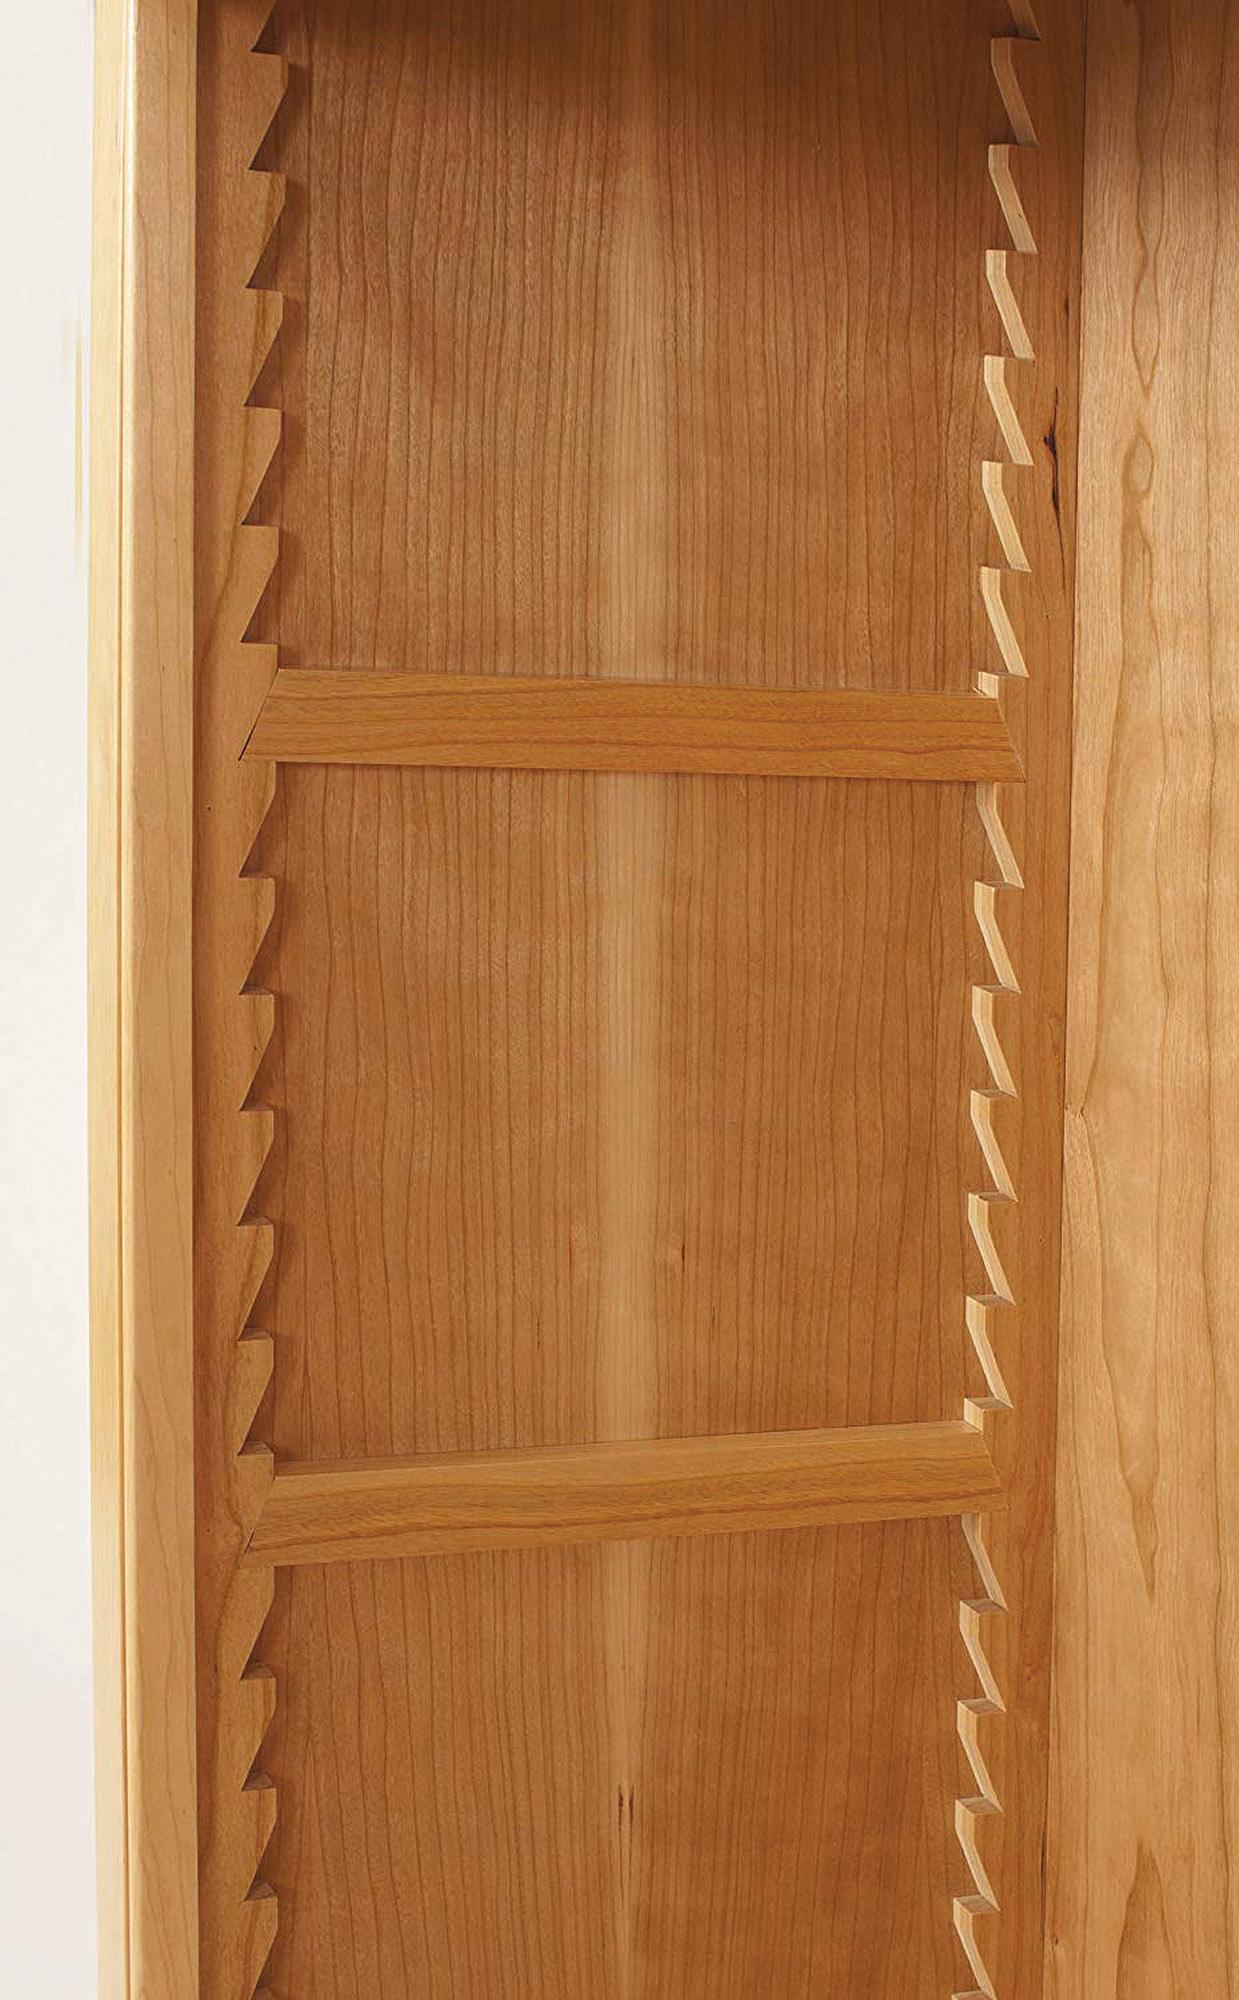 Sawtooth Shelf System